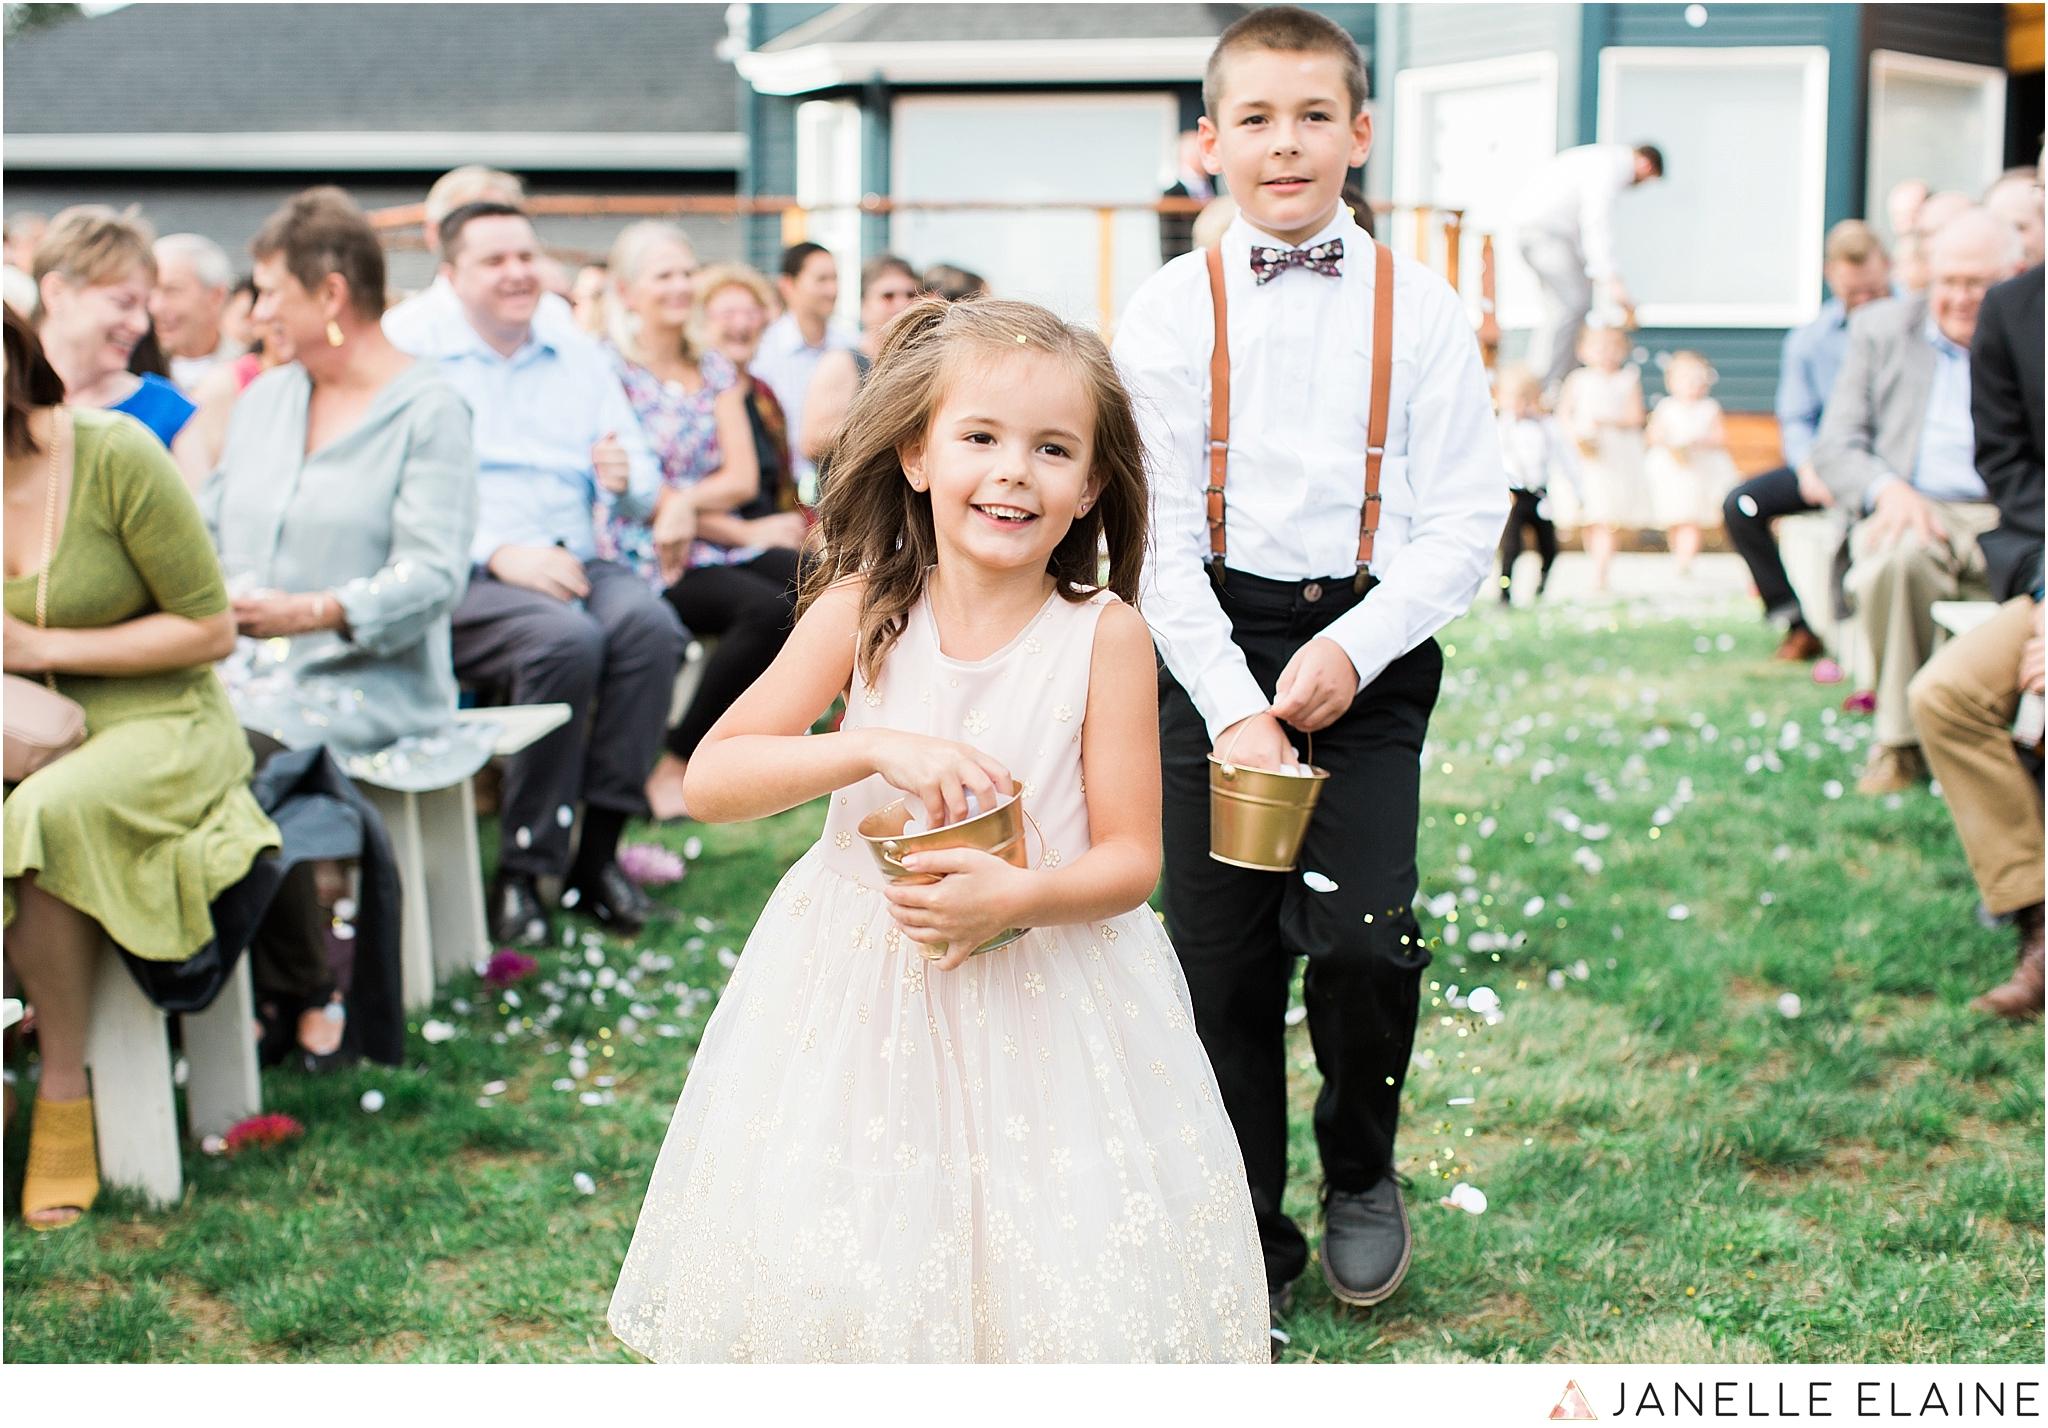 seattle-portrait-engagement-wedding-photographer-janelle-elaine-photography-53.jpg